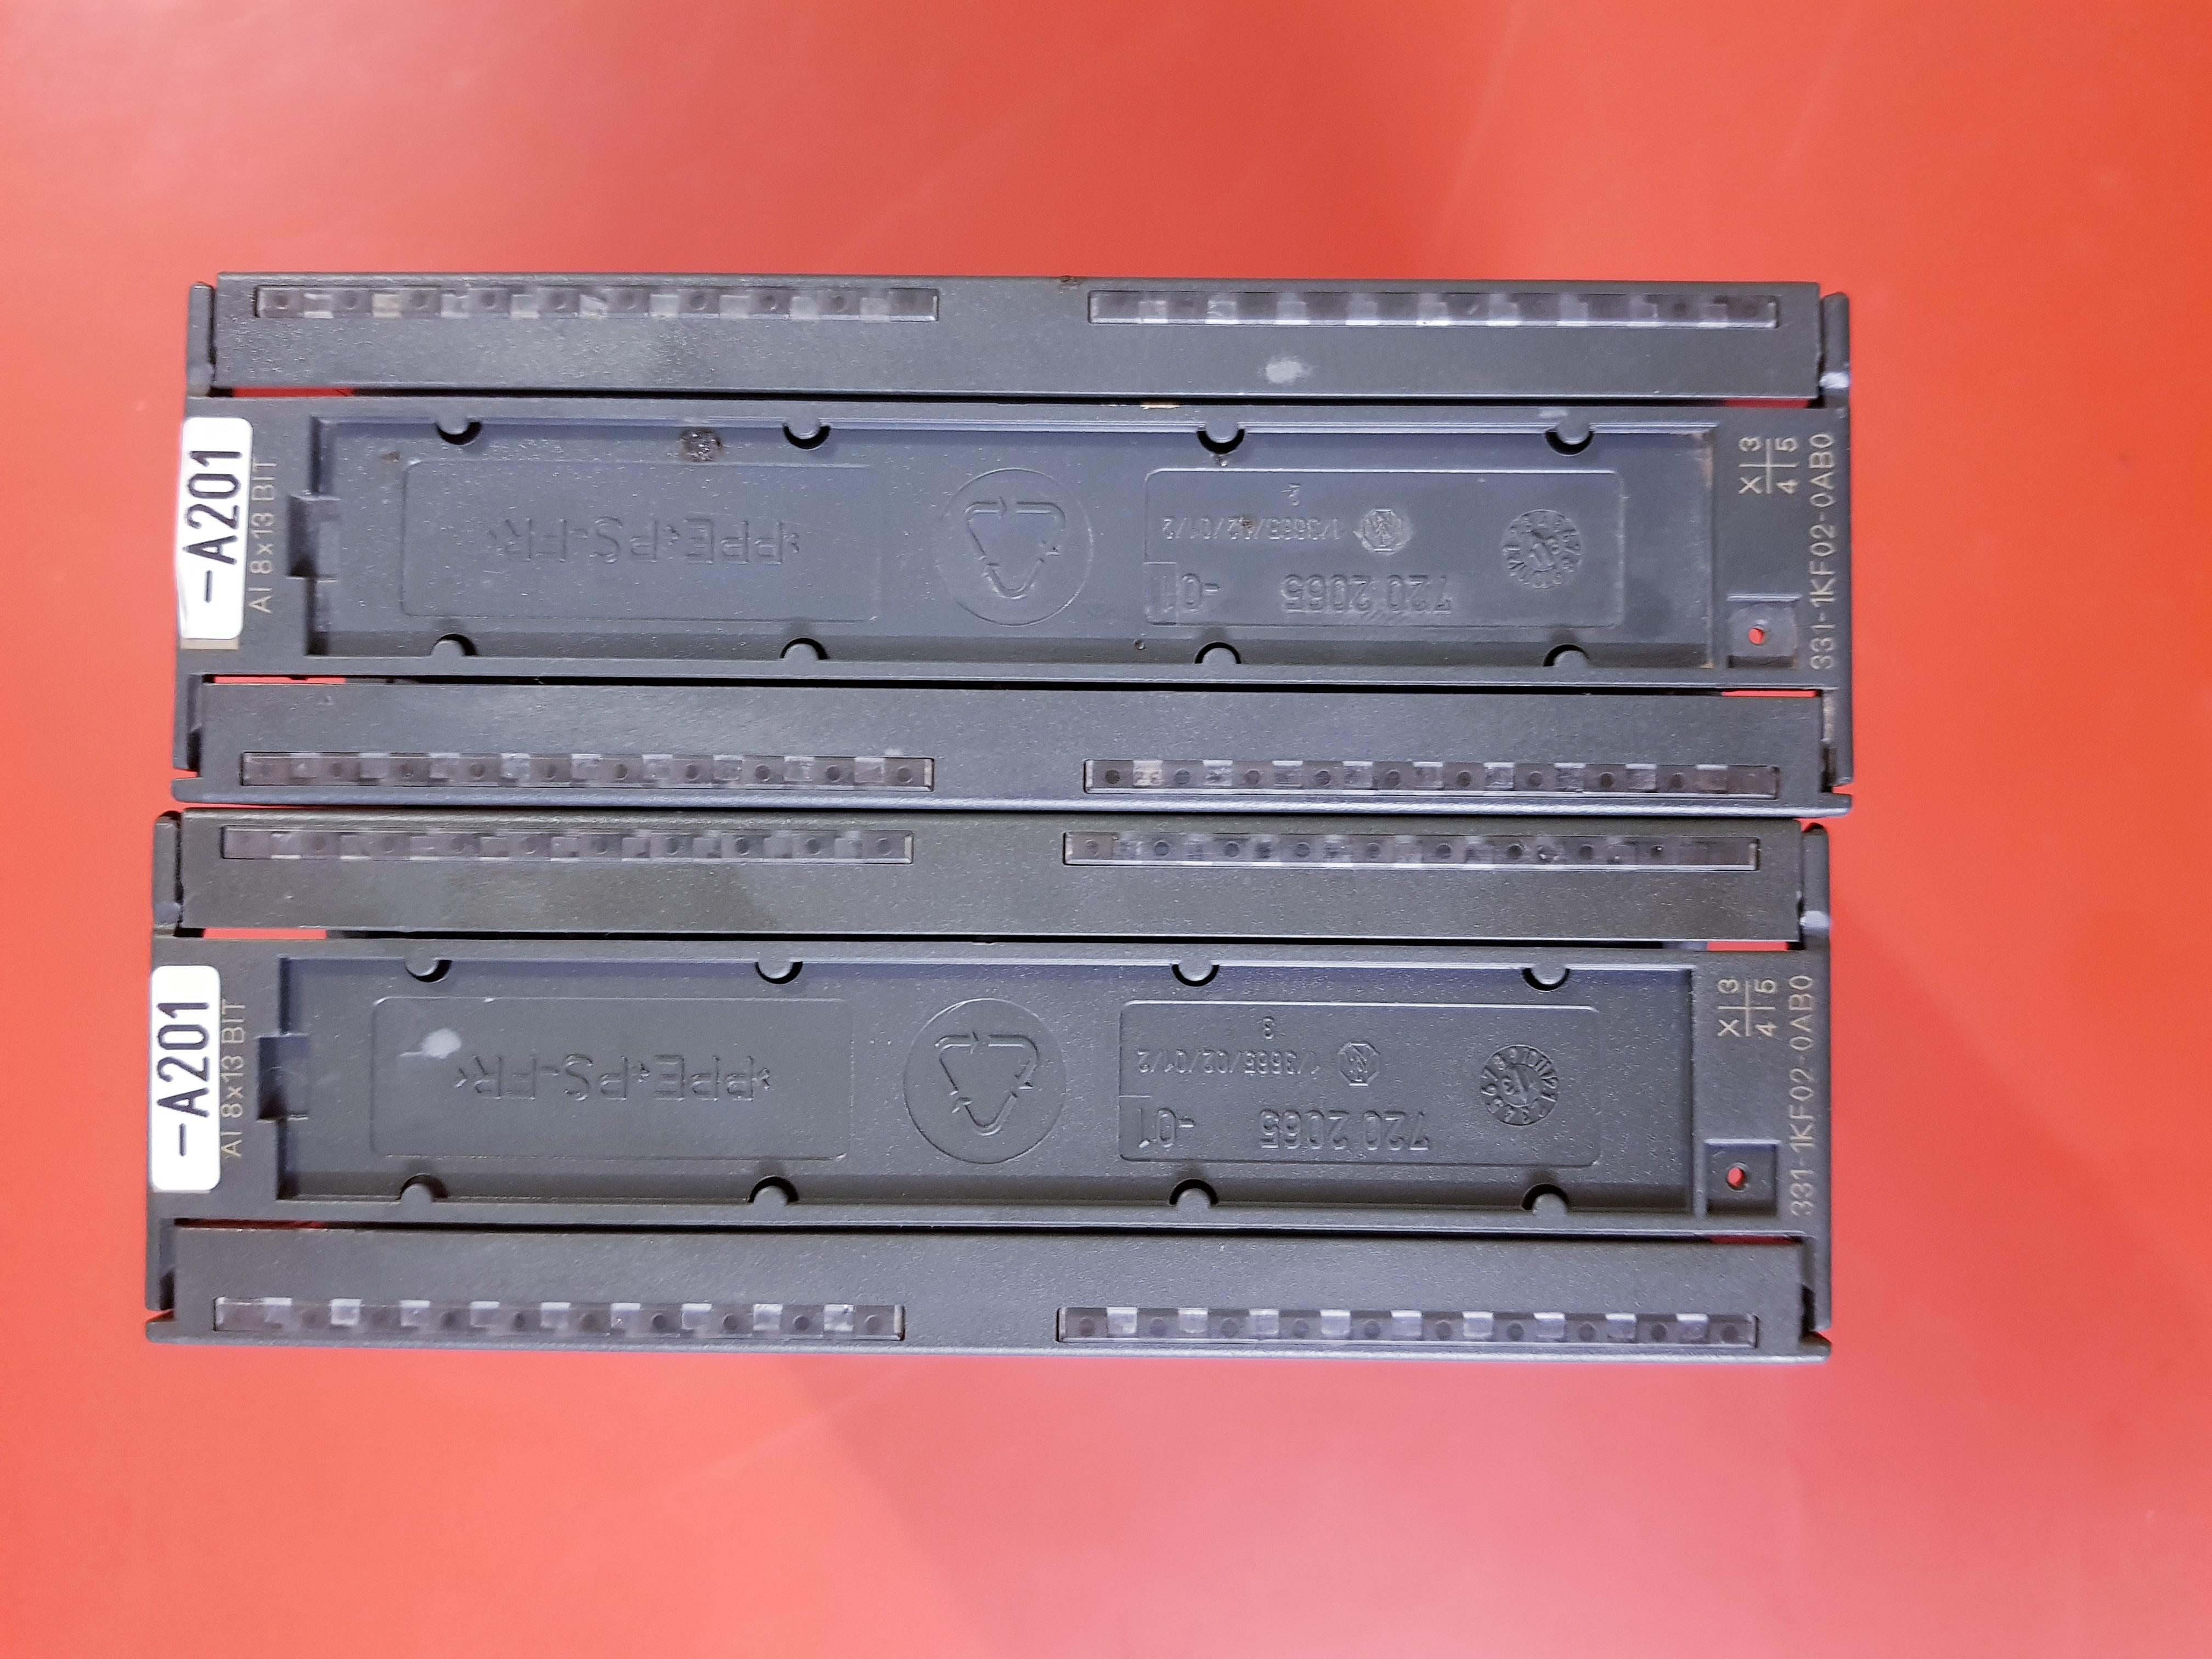 6ES7 331-1KF02-0AB0